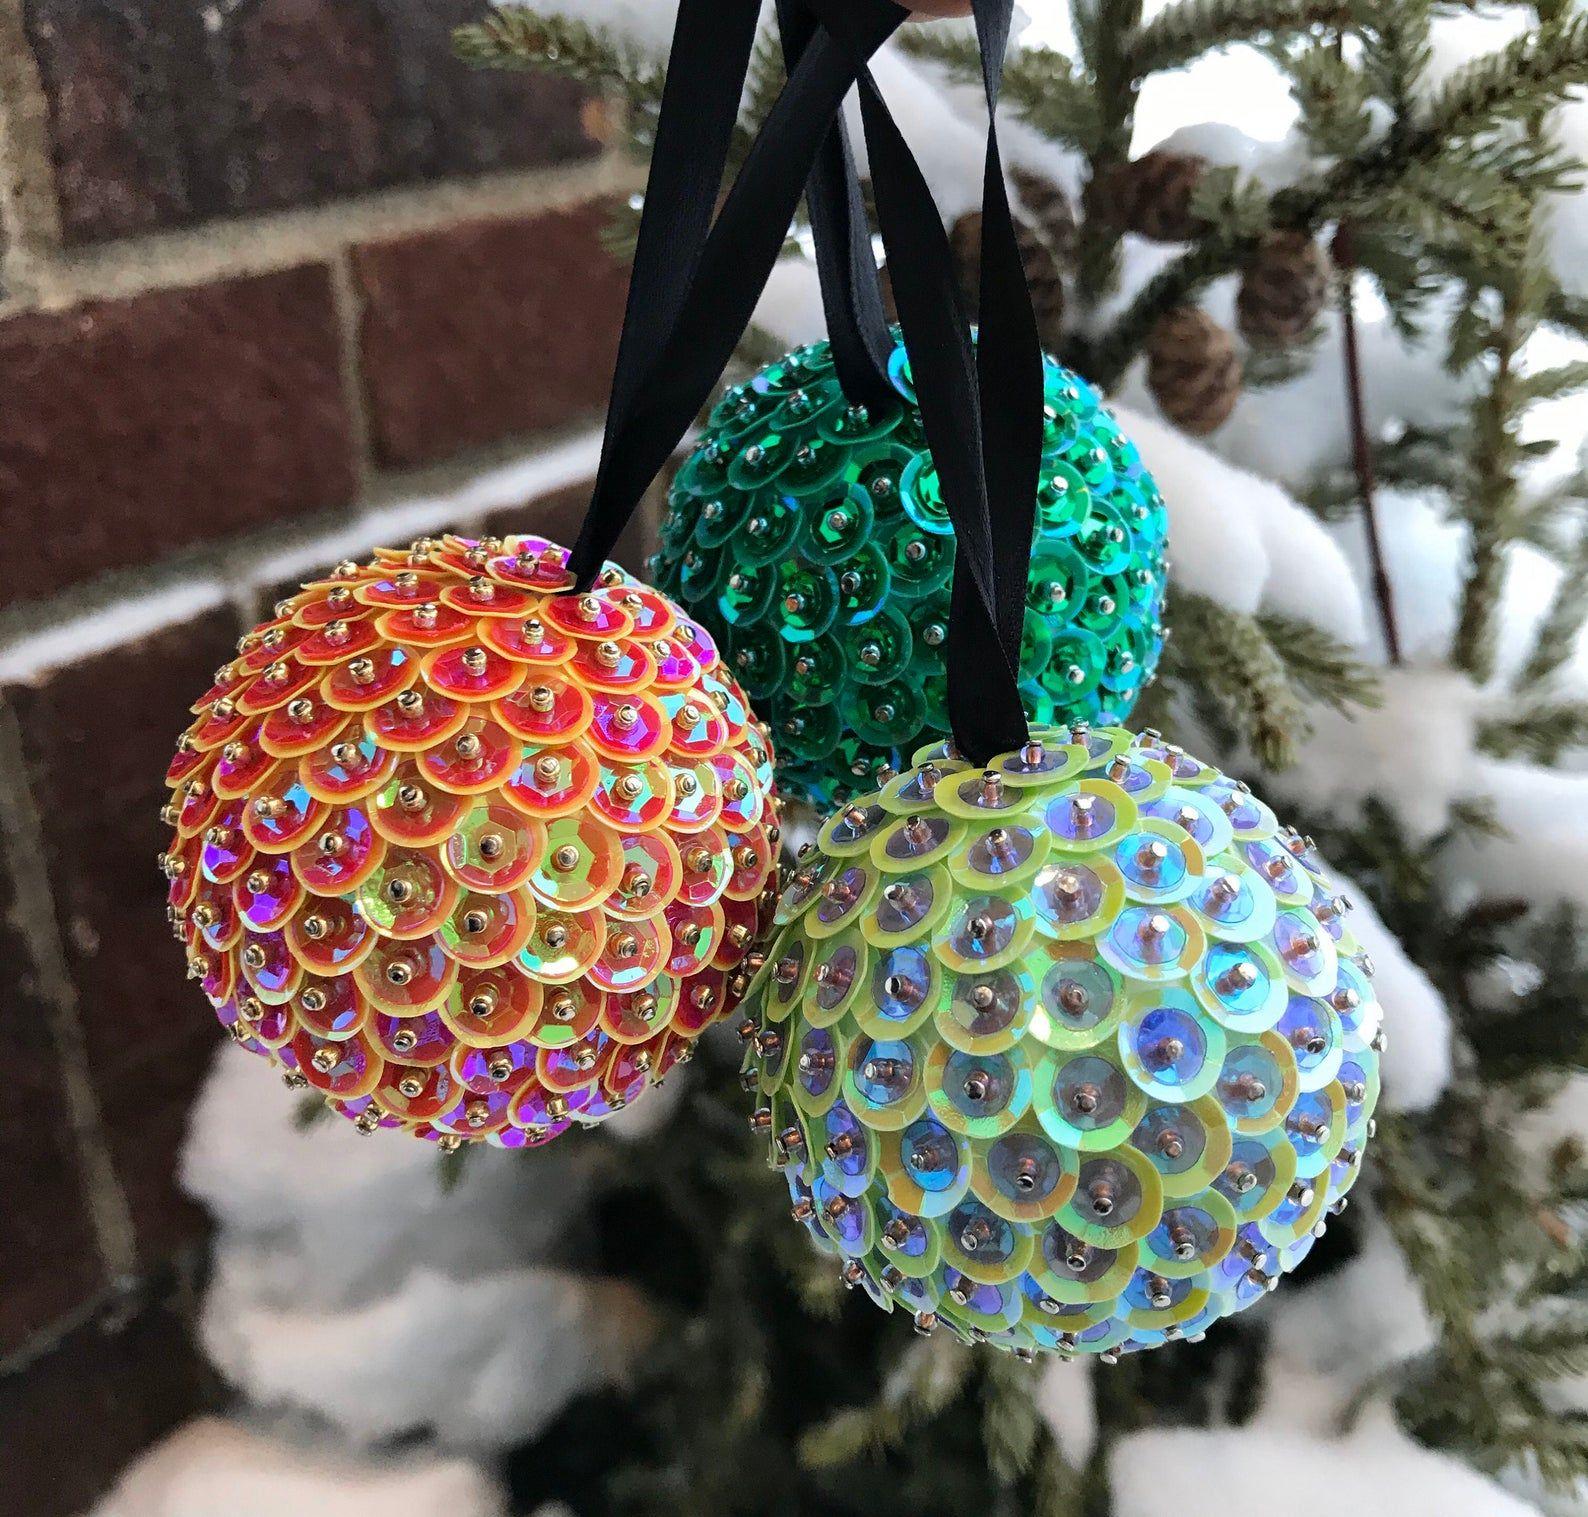 DIY Christmas Ornaments   How To Make Homemade Christmas Tree ...